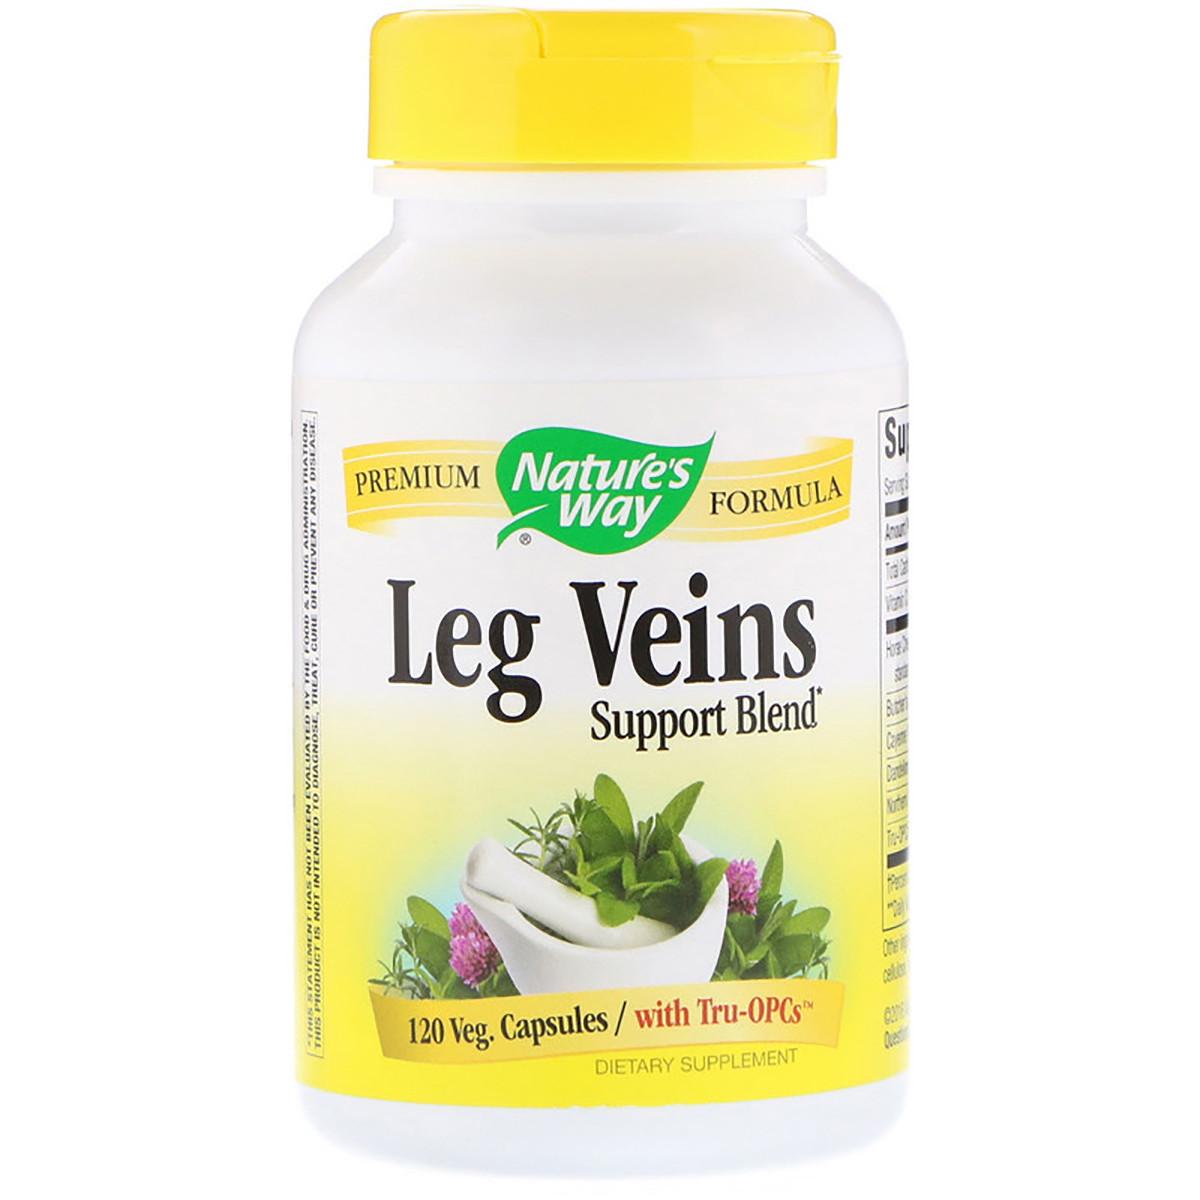 Поддержка Вен, Leg Veins Support Blend, Nature's Way, 120 капсул